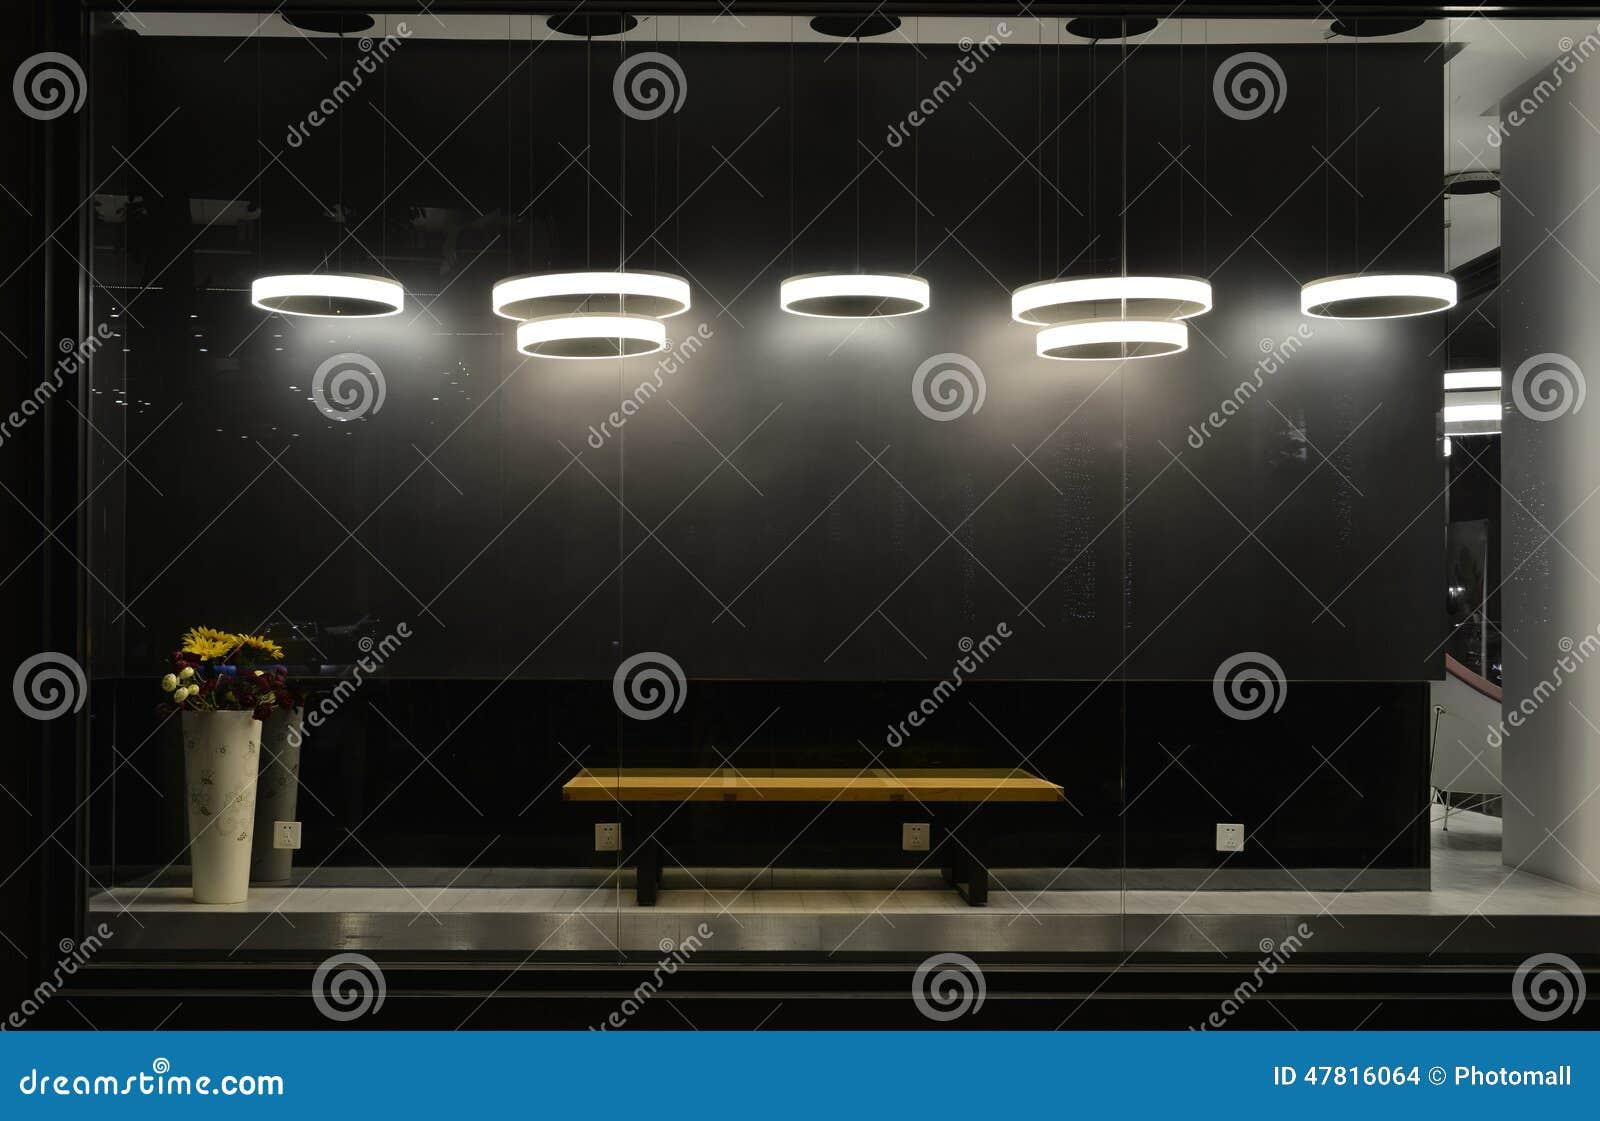 Ventana de tienda vacía con las bombillas llevadas, lámpara del LED usada en la ventana de la tienda, decoración comercial, fondo